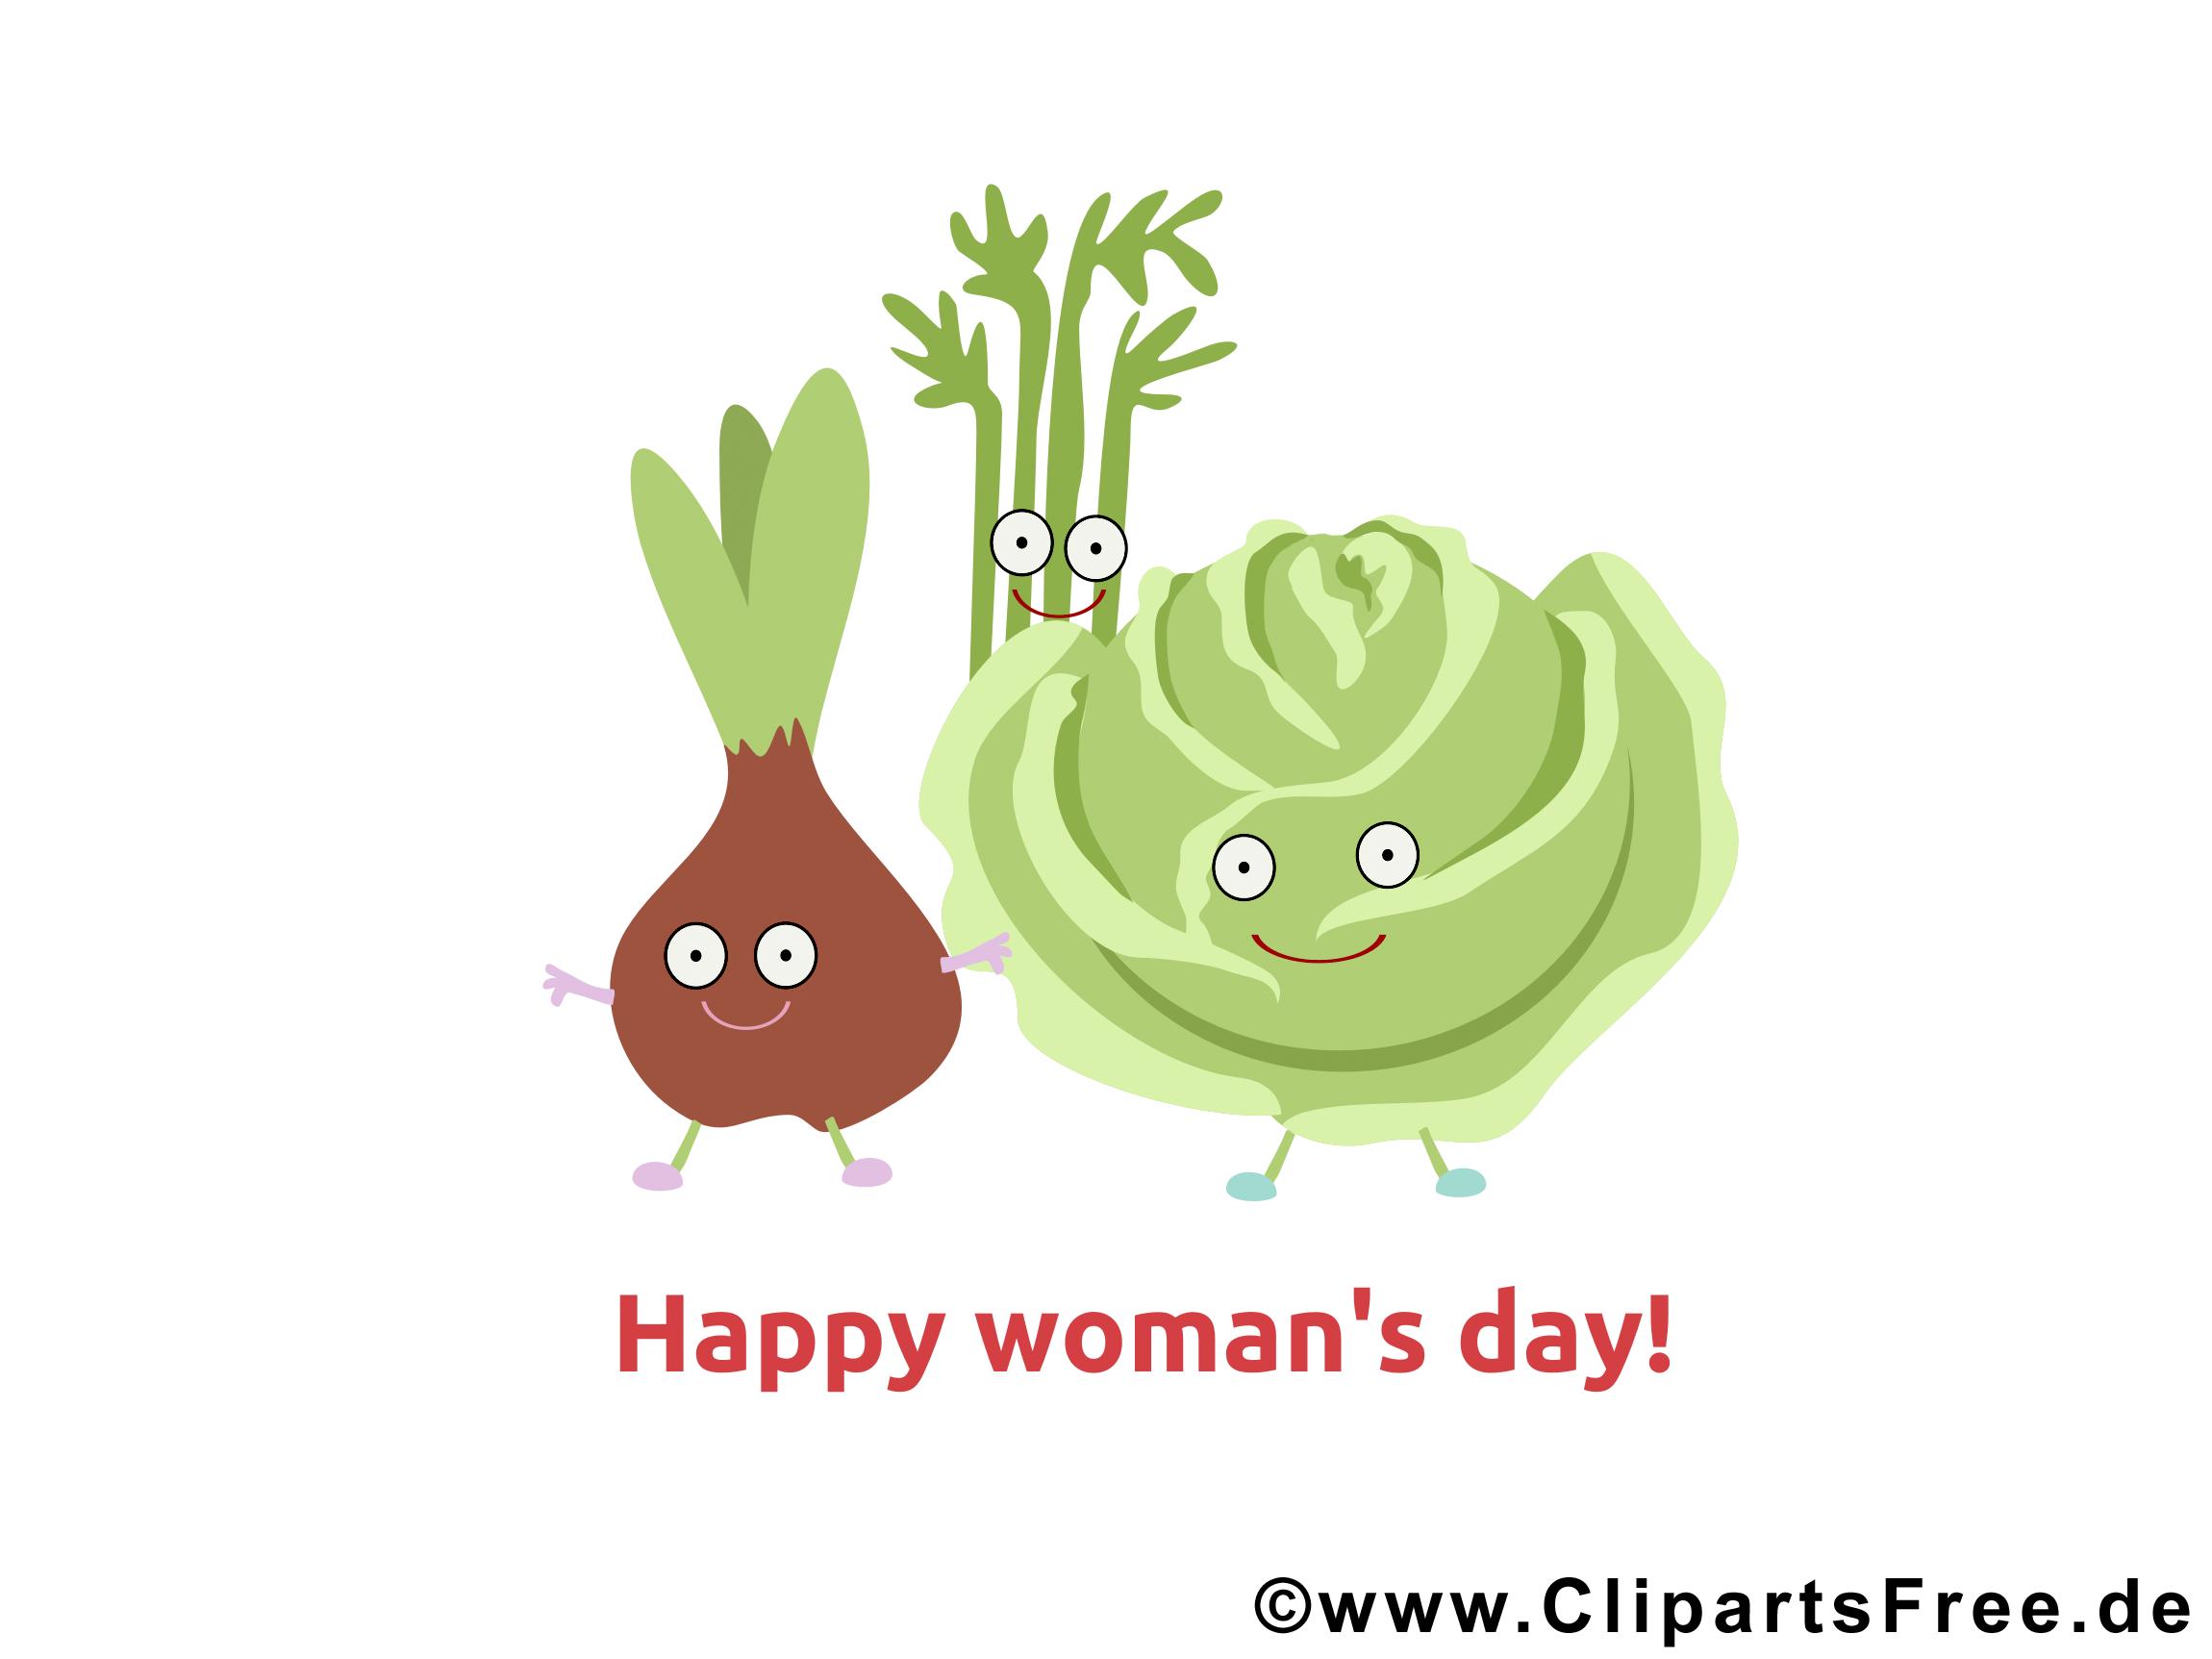 Witzige Bilder zum Frauentag